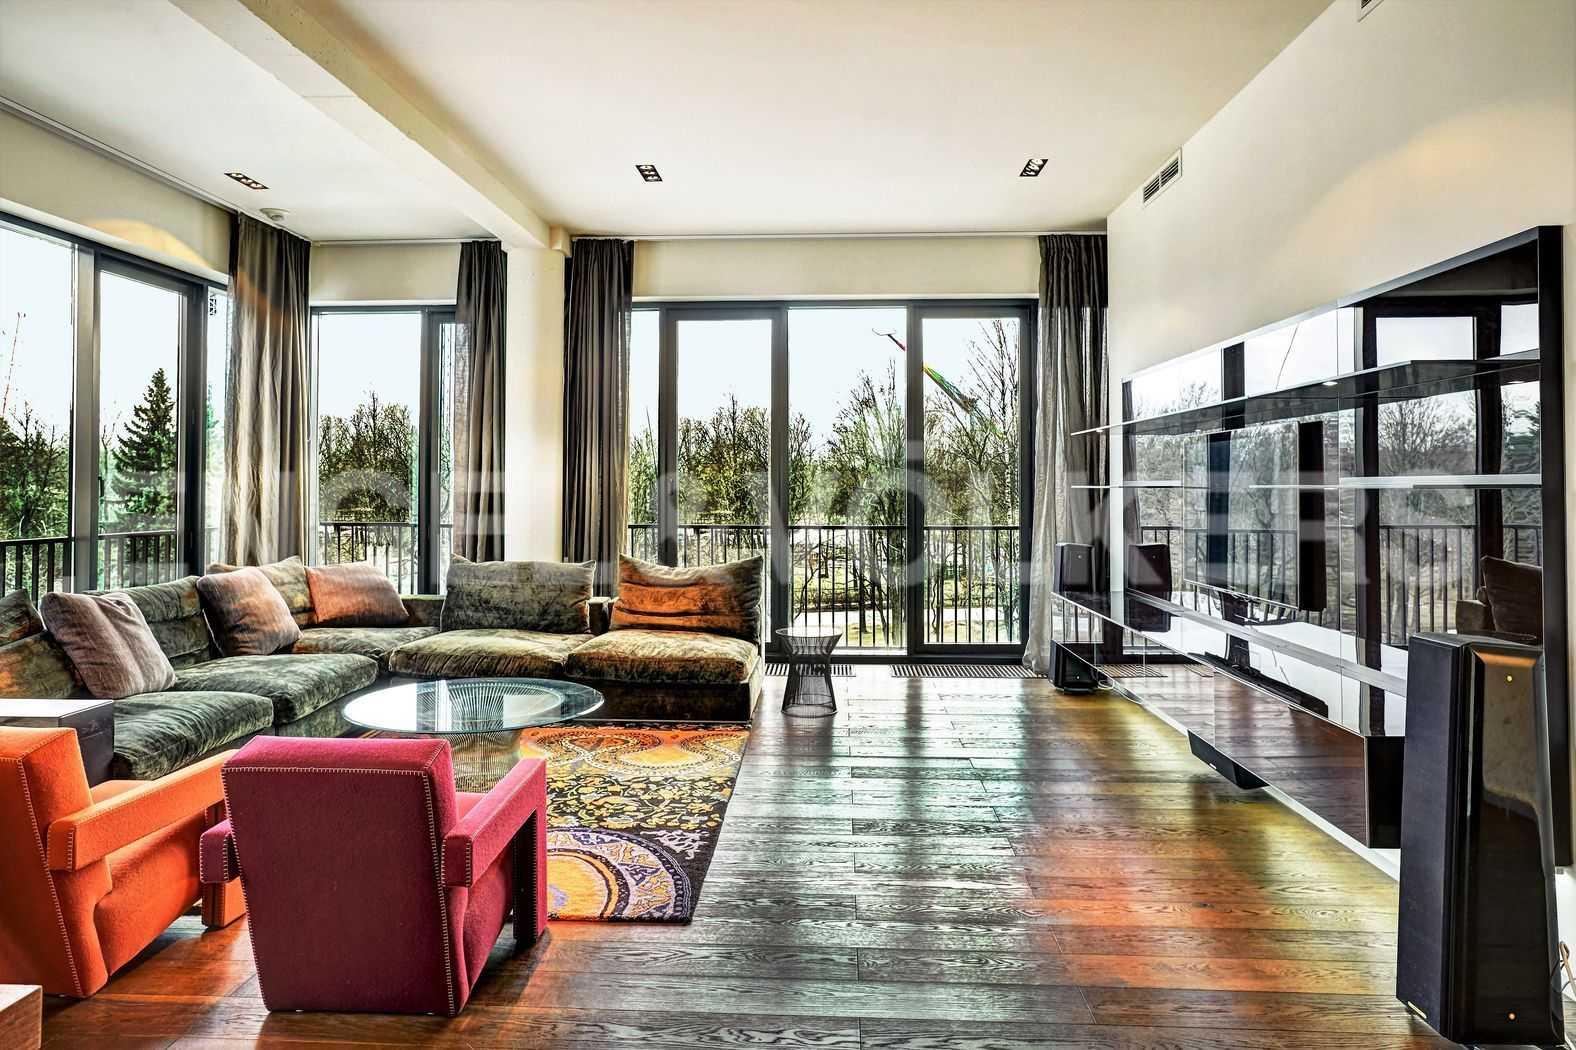 Элитные квартиры на . Санкт-Петербург, наб. Мартынова, 74. Гостиная с панорамным видом